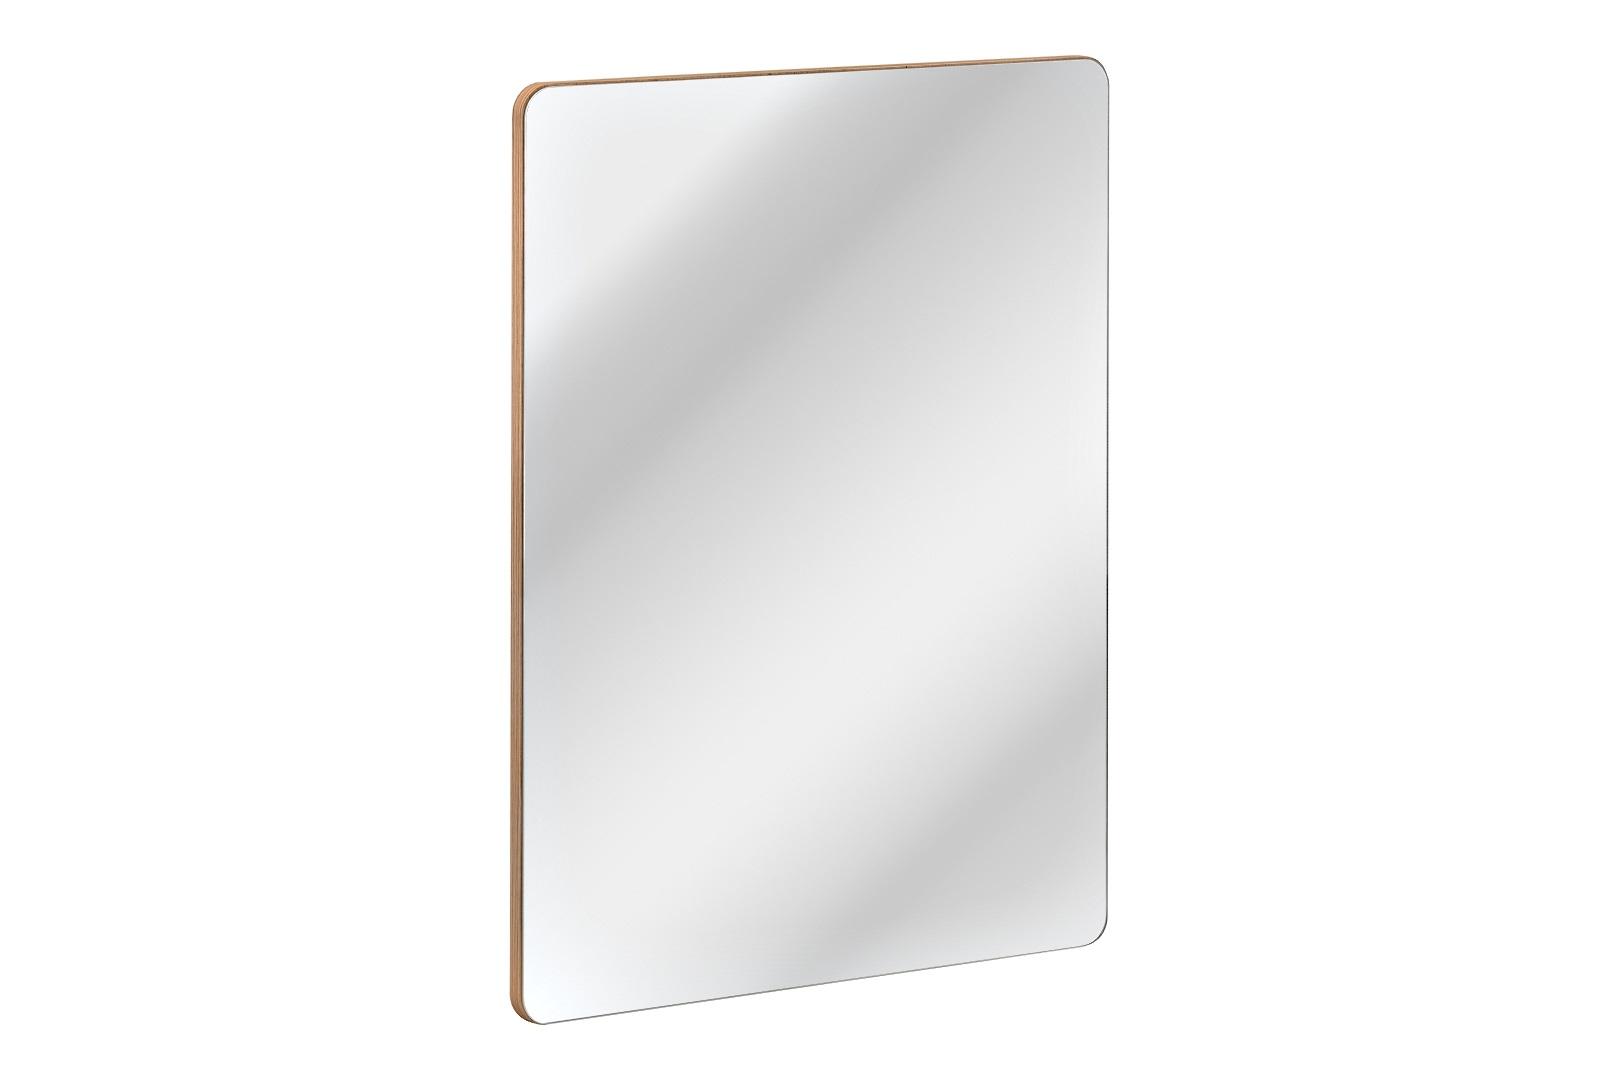 Oglinda pentru baie, L80xl60 cm, Aruba imagine